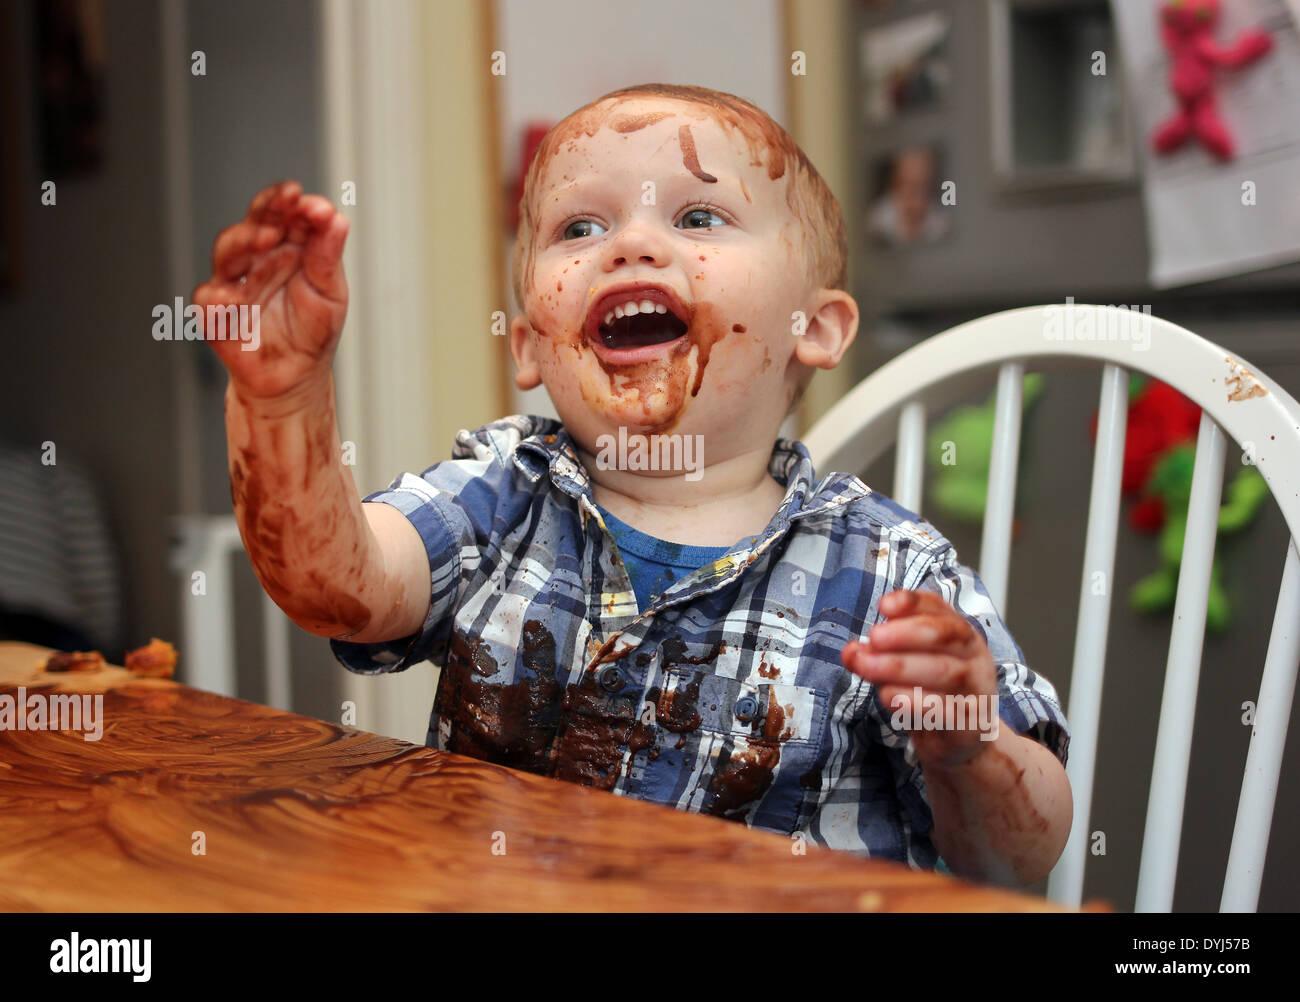 Couverts bébé dans le chocolat,rédaction d'illustration', bar, biscuit, pause, brown, bonbons, caramel, chocolat, chocolat, COC Photo Stock